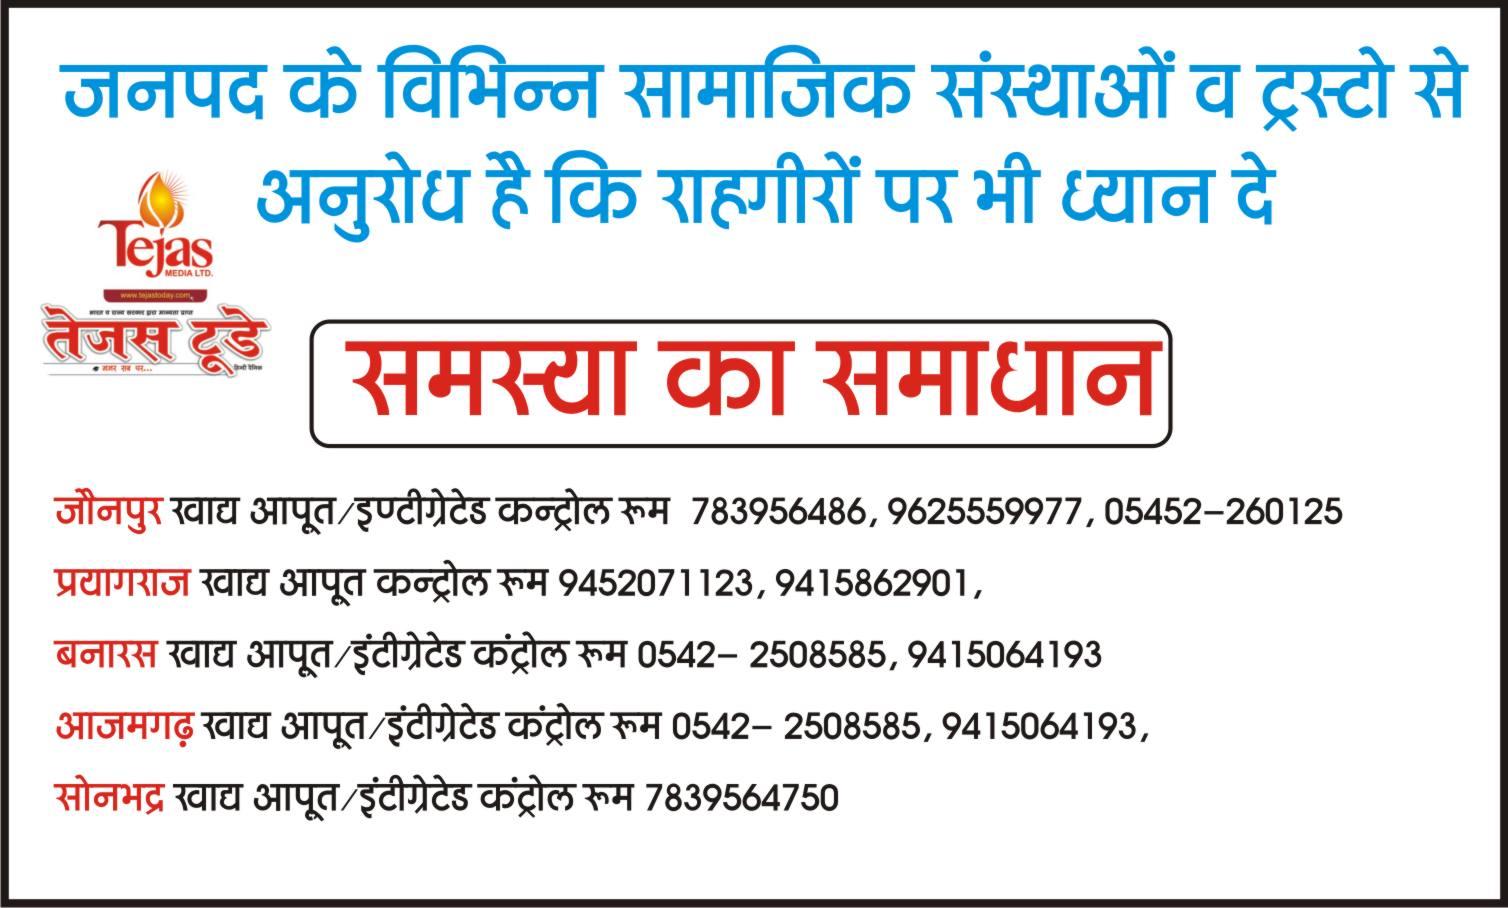 चंदन अग्रहरि शाहगंज, जौनपुर। कोरोना वायरस के संक्रमण के रोकथाम के लिये दिये जाने वाले आर्थिक सहायता के क्रम में दूरसंचार सलाहकार समिति सदस्य एवं क्रय विक्रय समिति अध्यक्ष बेचन सिंह ने प्रधानमंत्री राहत कोष में 11 हजार रुपए का चेक उपजिलाधिकारी राजेश वर्मा को सौंपा। इस अवसर पर जगदीश प्रसाद अग्रहरि, राम प्रकाश मोदनवाल, शैलेन्द्र गुप्ता, दिलीप अग्रहरि सहित तमाम लोग मौजूद रहे।